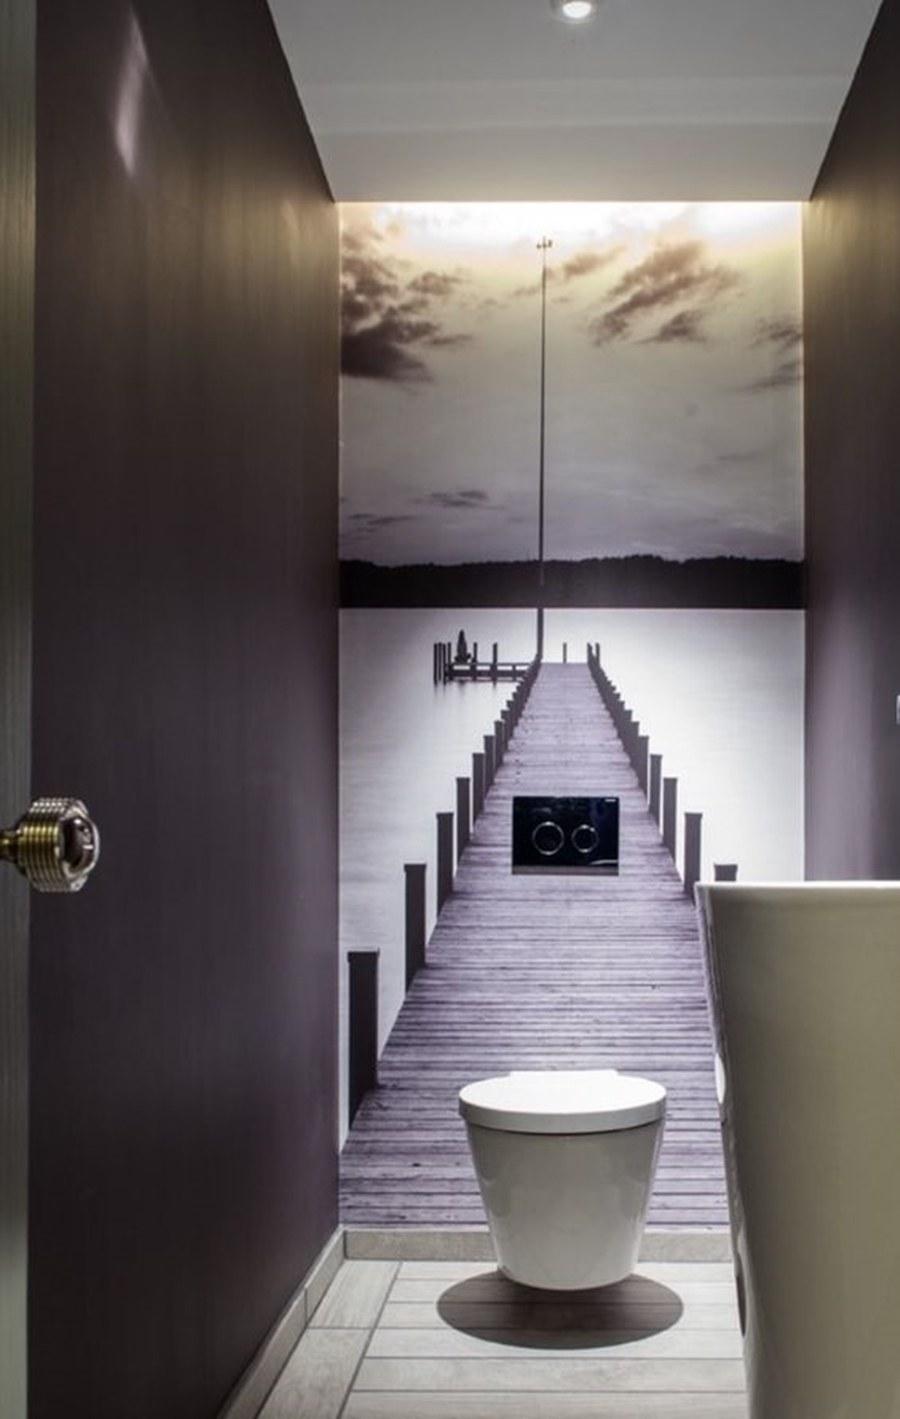 painel fotográfico - decoração no banheiro